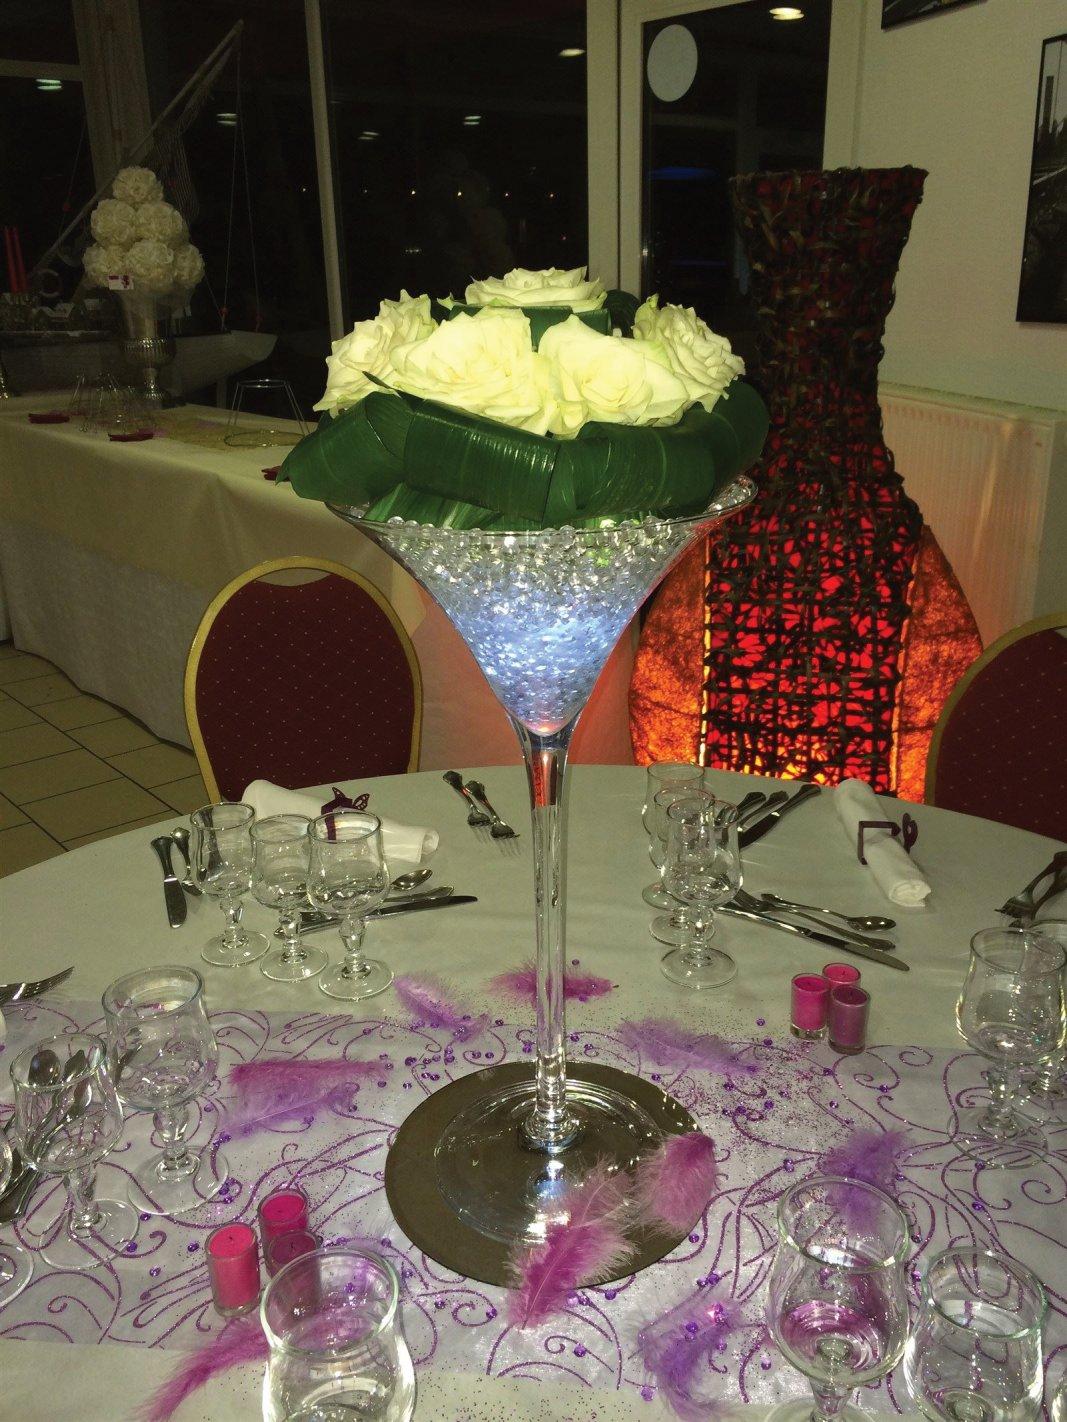 Coupe Martini Ht 50 cm roses fraîches blanches, billes d'eau gélifiées, led